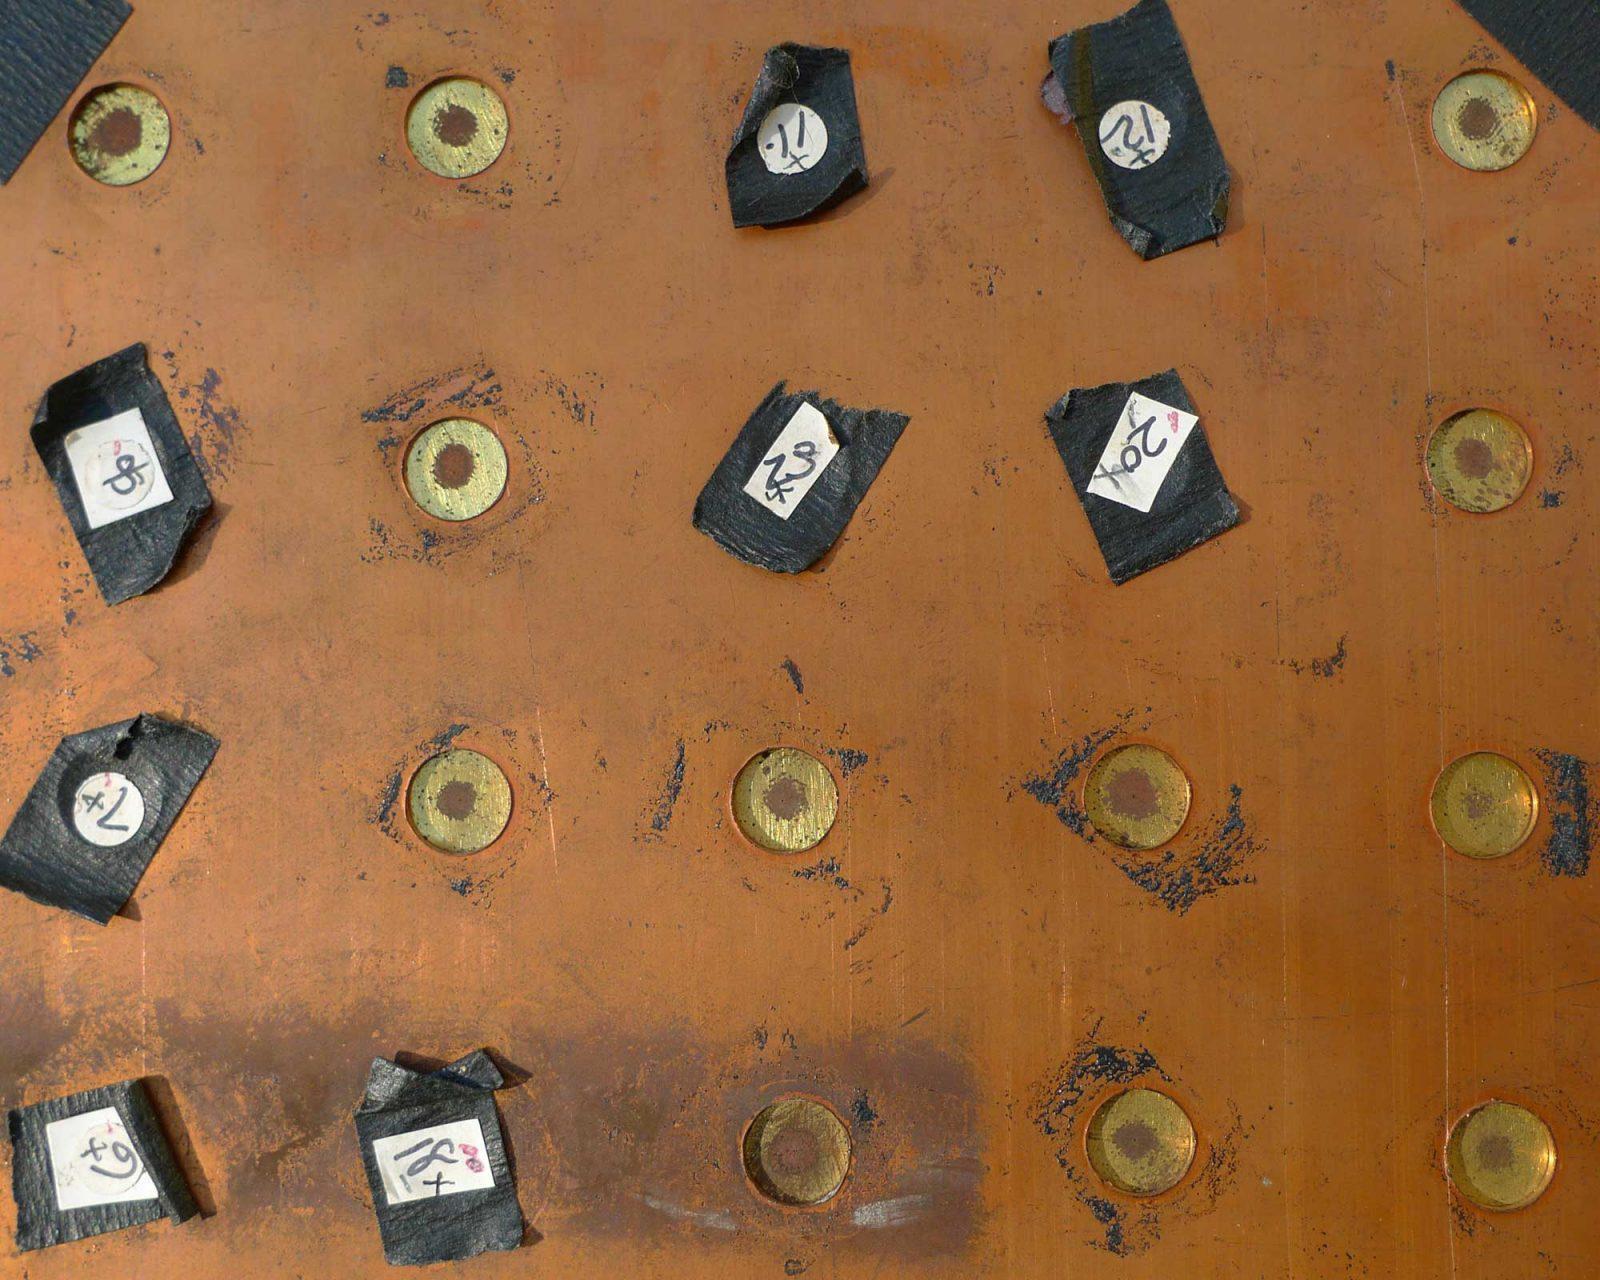 Close Up of 25 Aperture Pinhole Camera